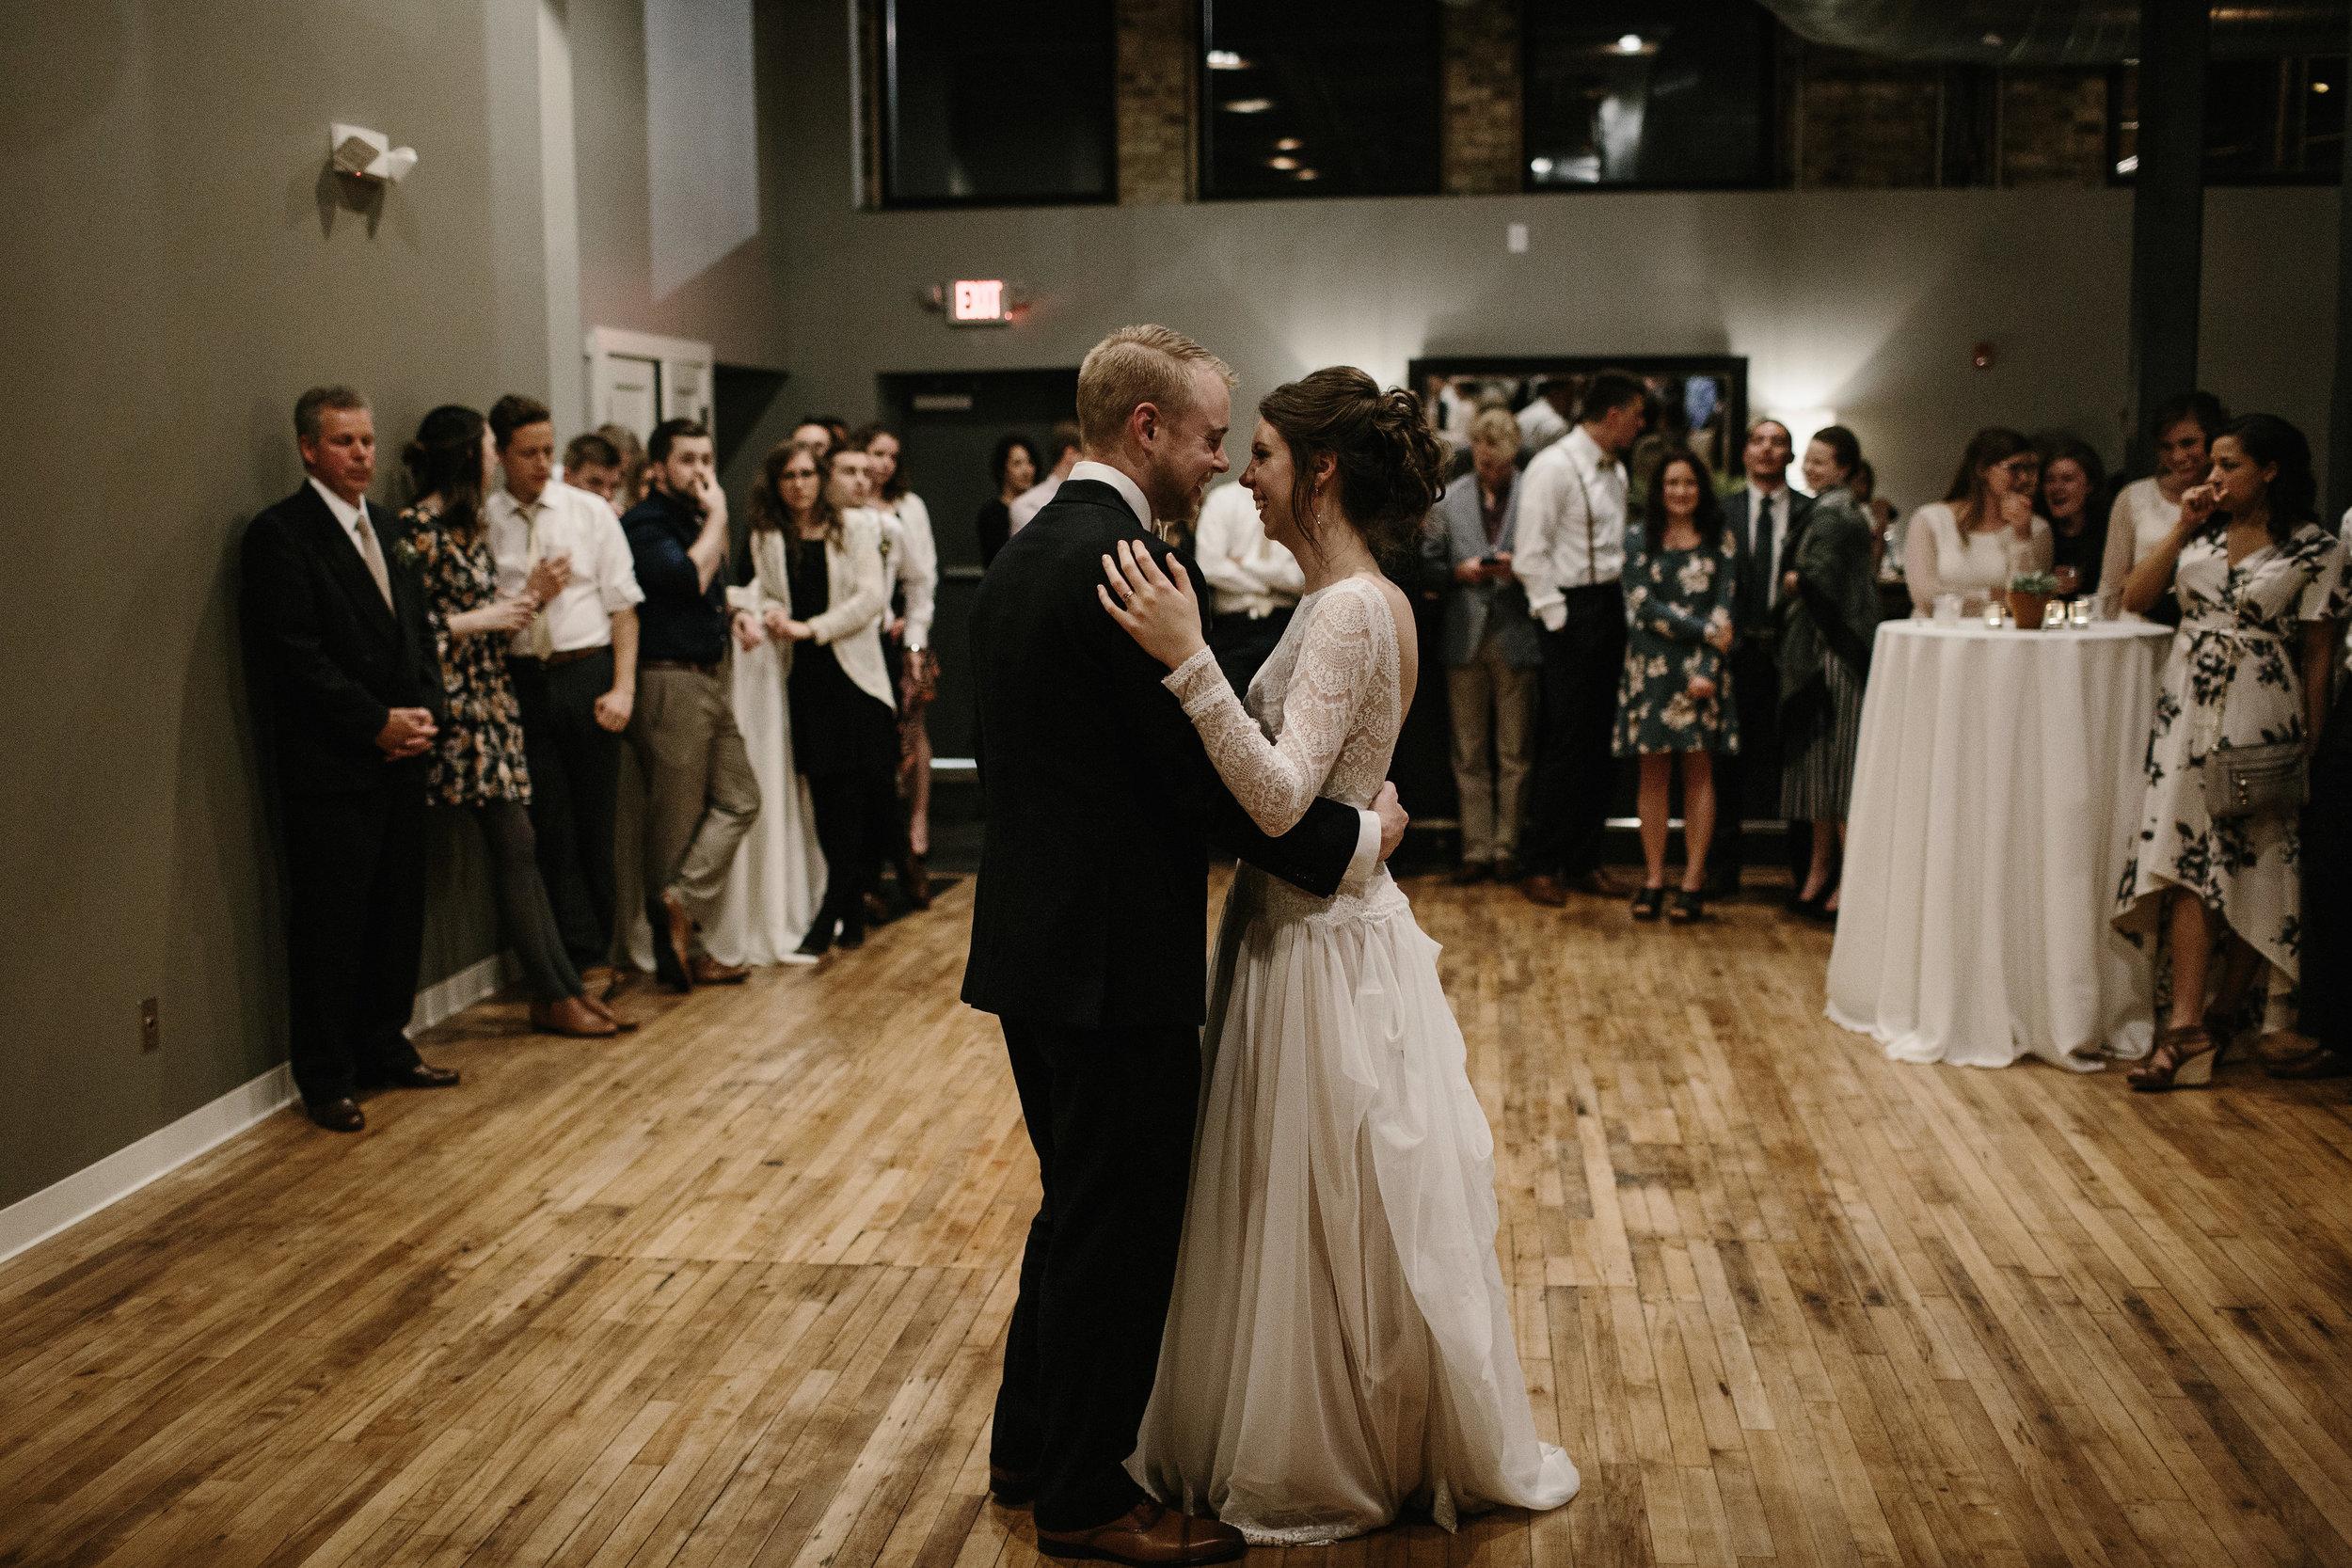 FLORAPINEPHOTOGRAPHY_BRANDONLYDIA_DANCE-20.JPG